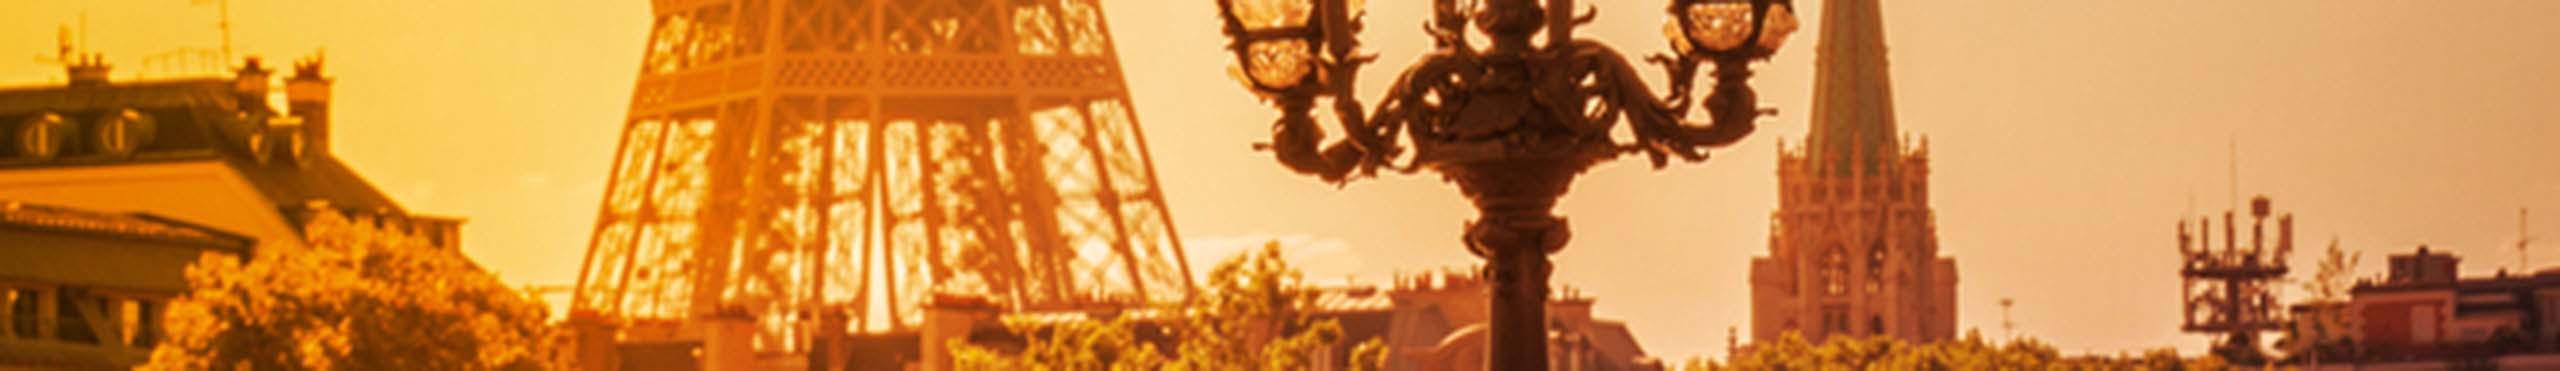 Immobilier : Est-il encore temps d'investir à Paris ?